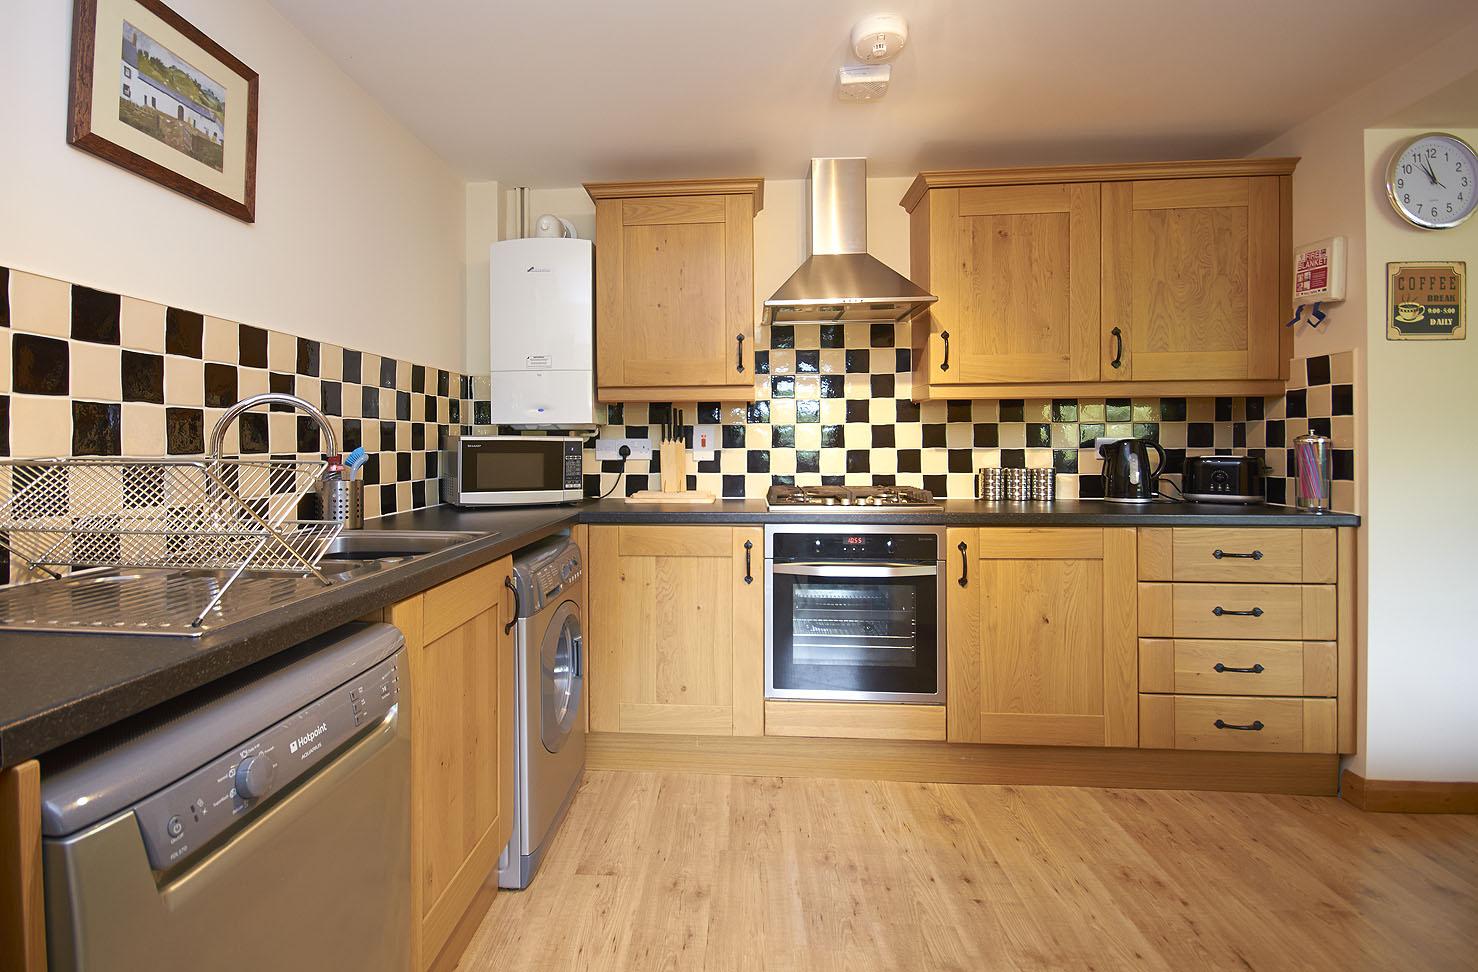 C1 kitchen b.jpg